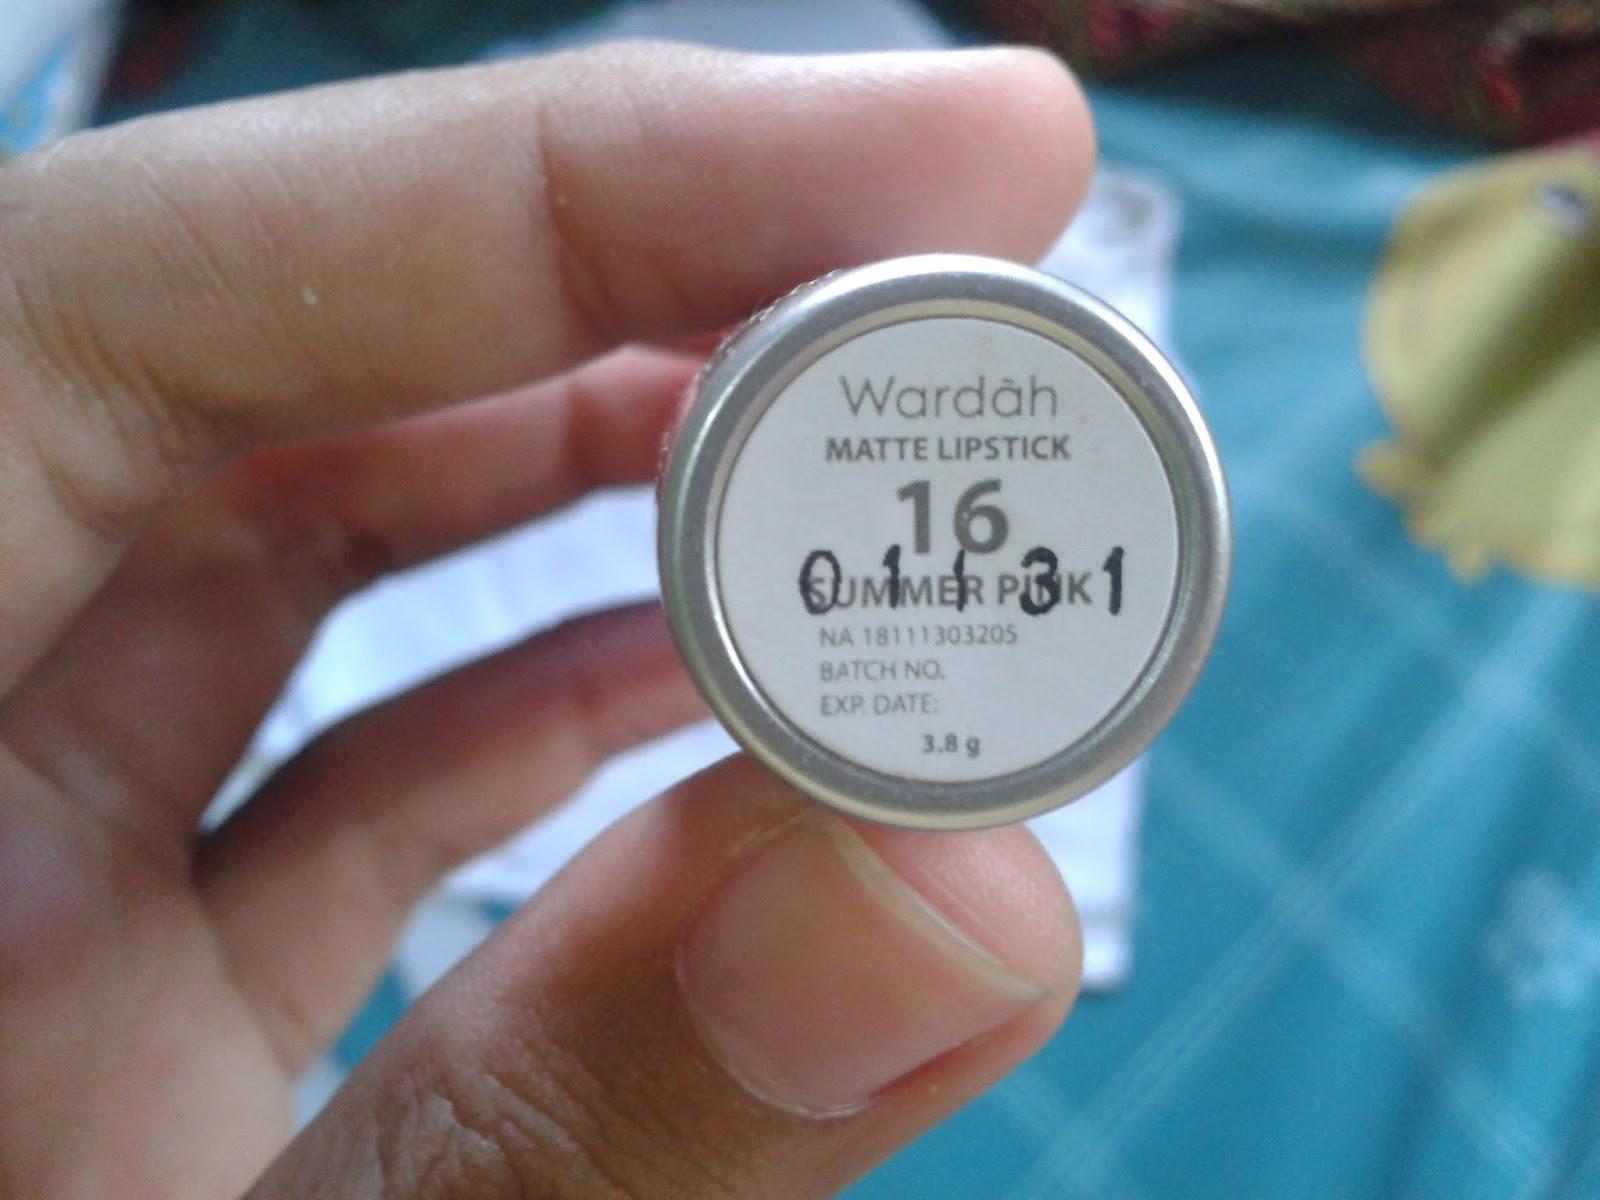 Wardah Matte Lipstick no 16 Summer Pink